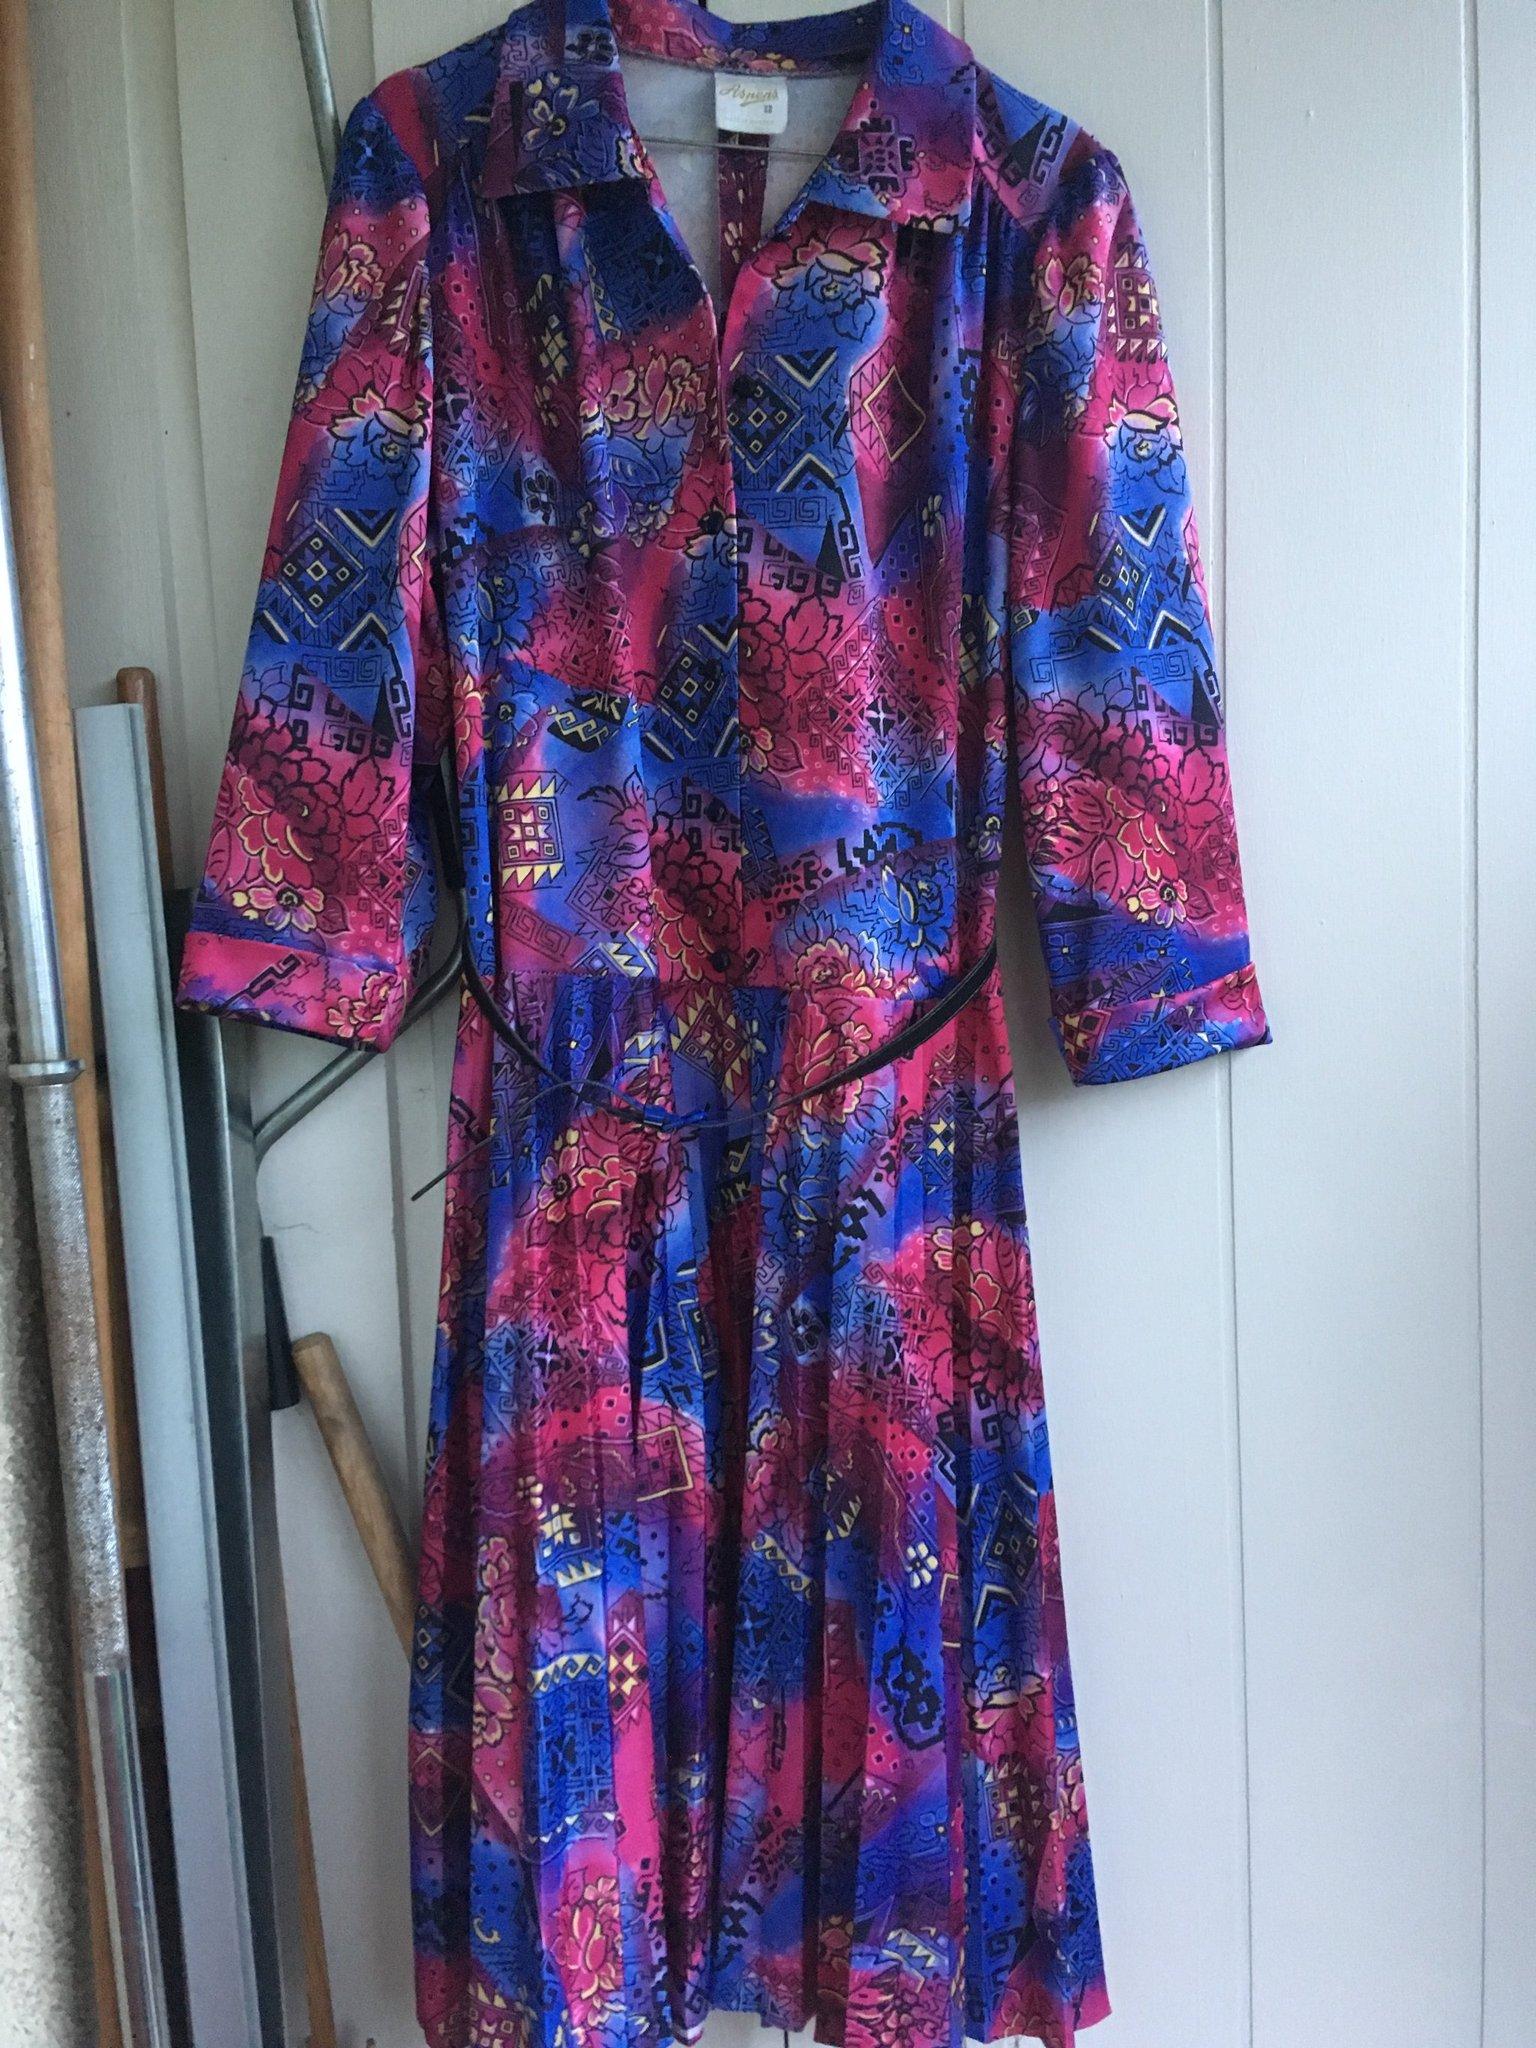 Mönstrad blå röd olika färger klänning retro vintage stl 44 46, fint skick